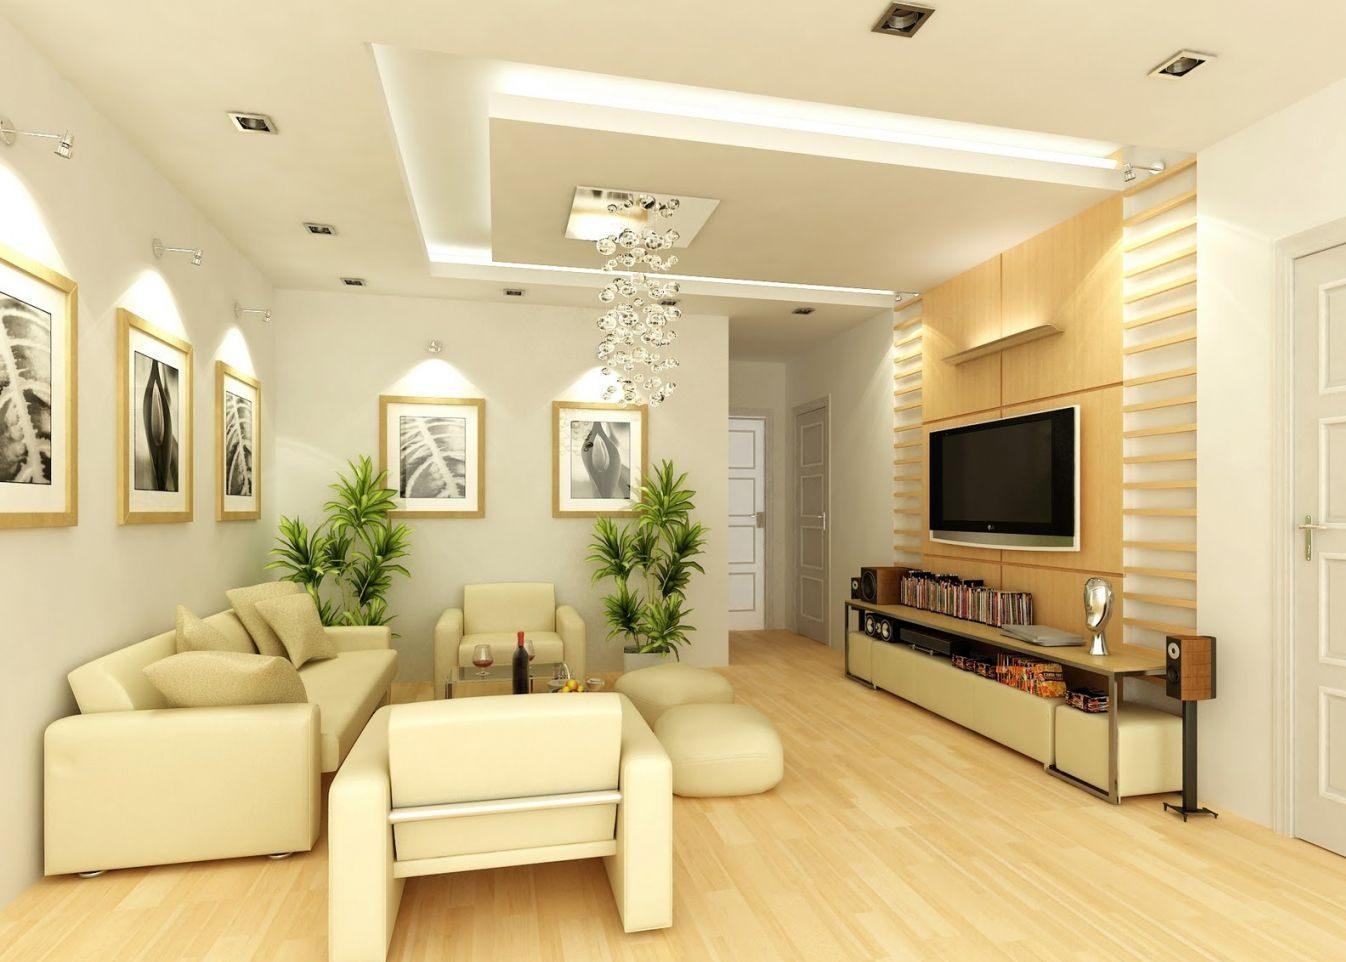 Phòng khách trang trí phong cách Hàn Quốc tông trắng, vàng màu sáng